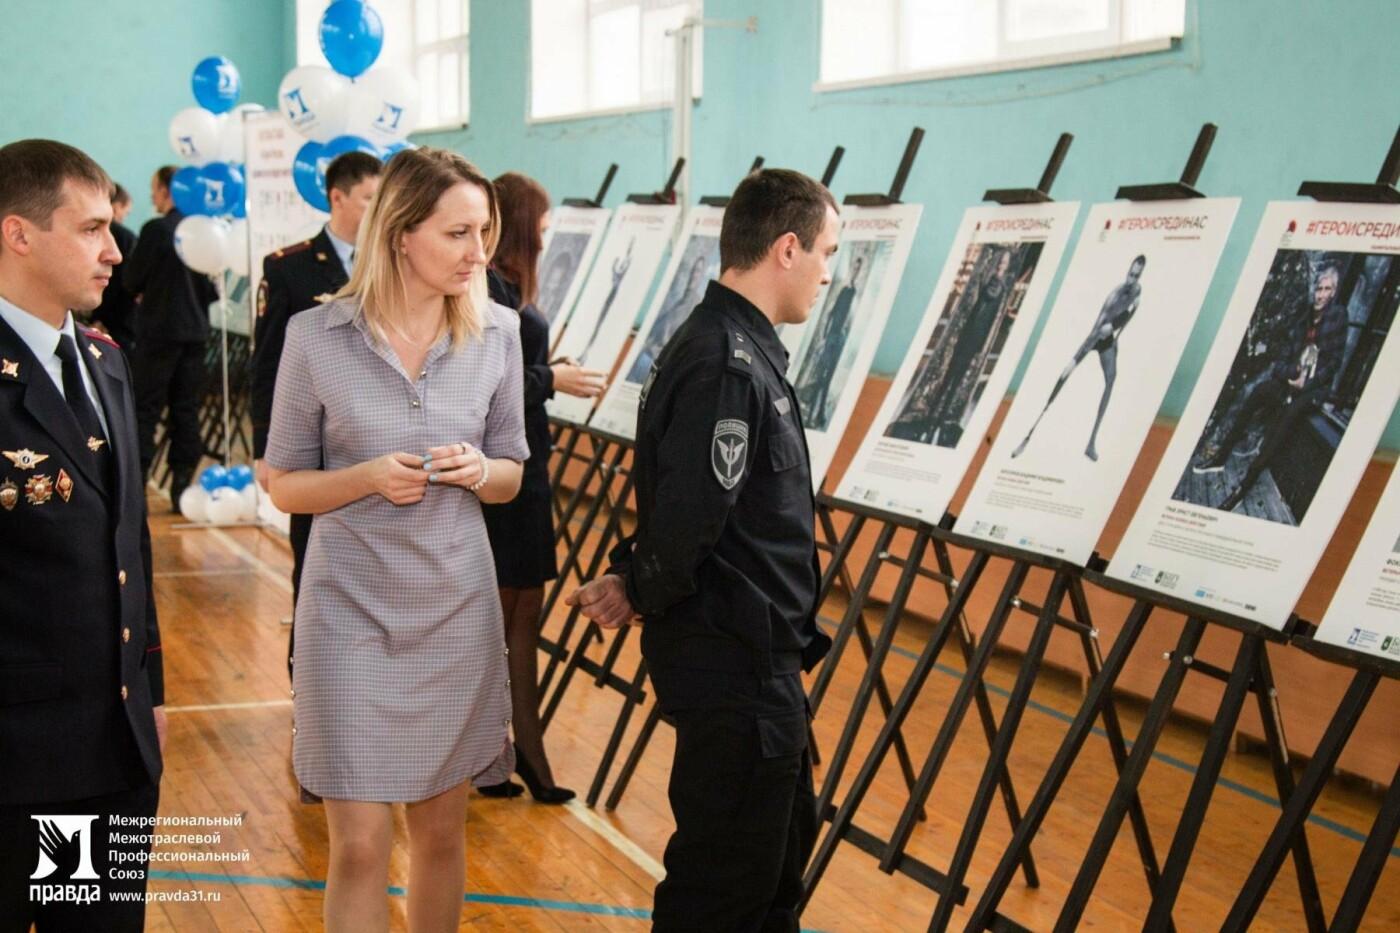 Профсоюз «Правда» презентовал фотовыставку сотрудникам белгородской Росгвардии, фото-4